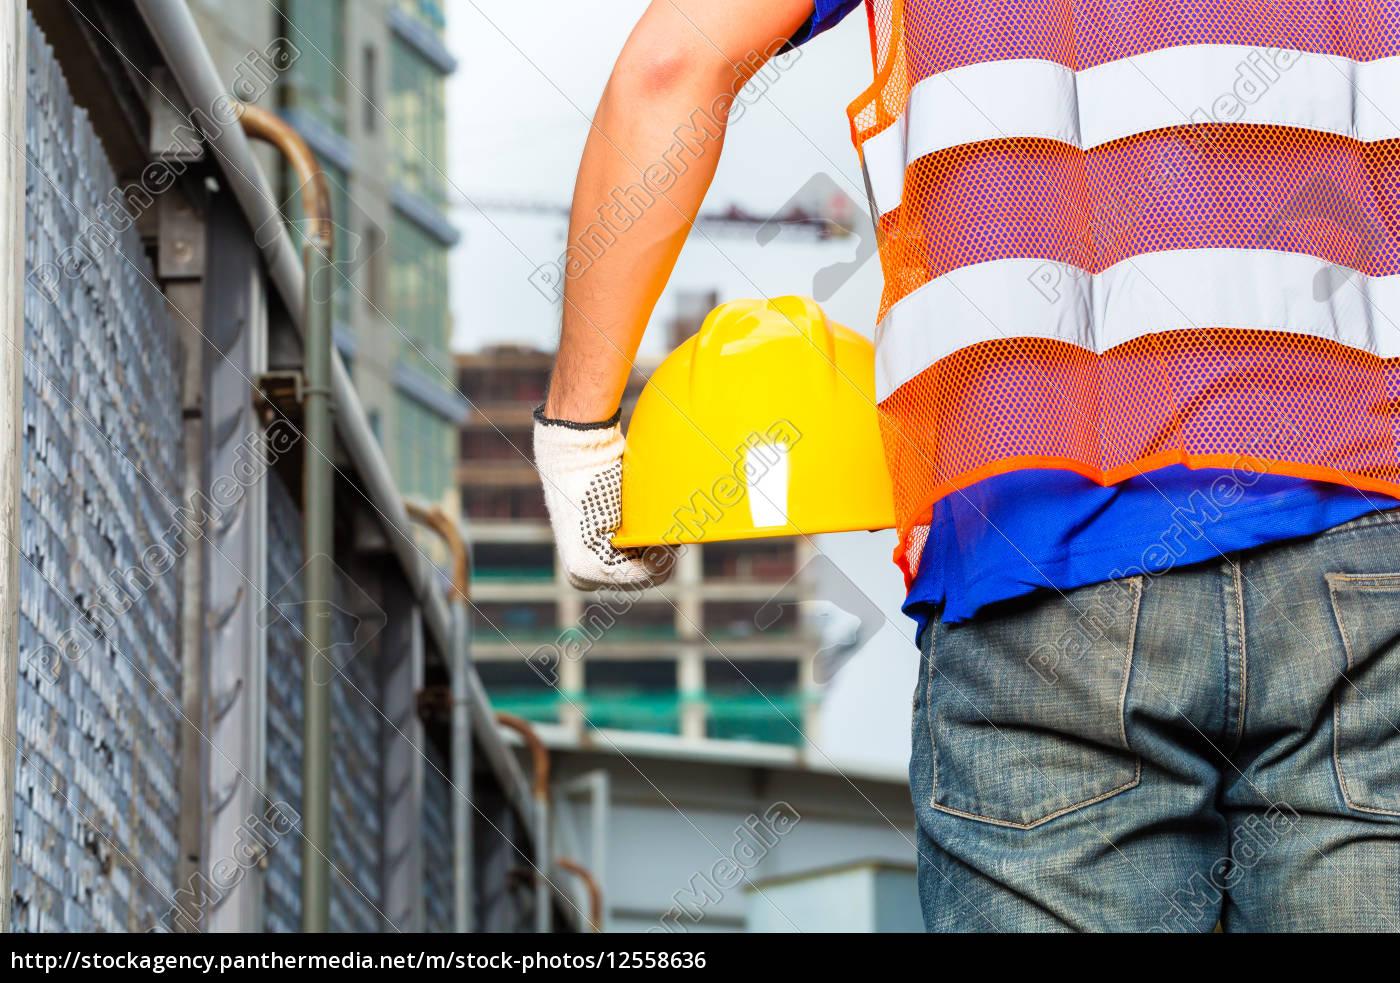 pracownik, na, placu, budowy, z, hełmem - 12558636